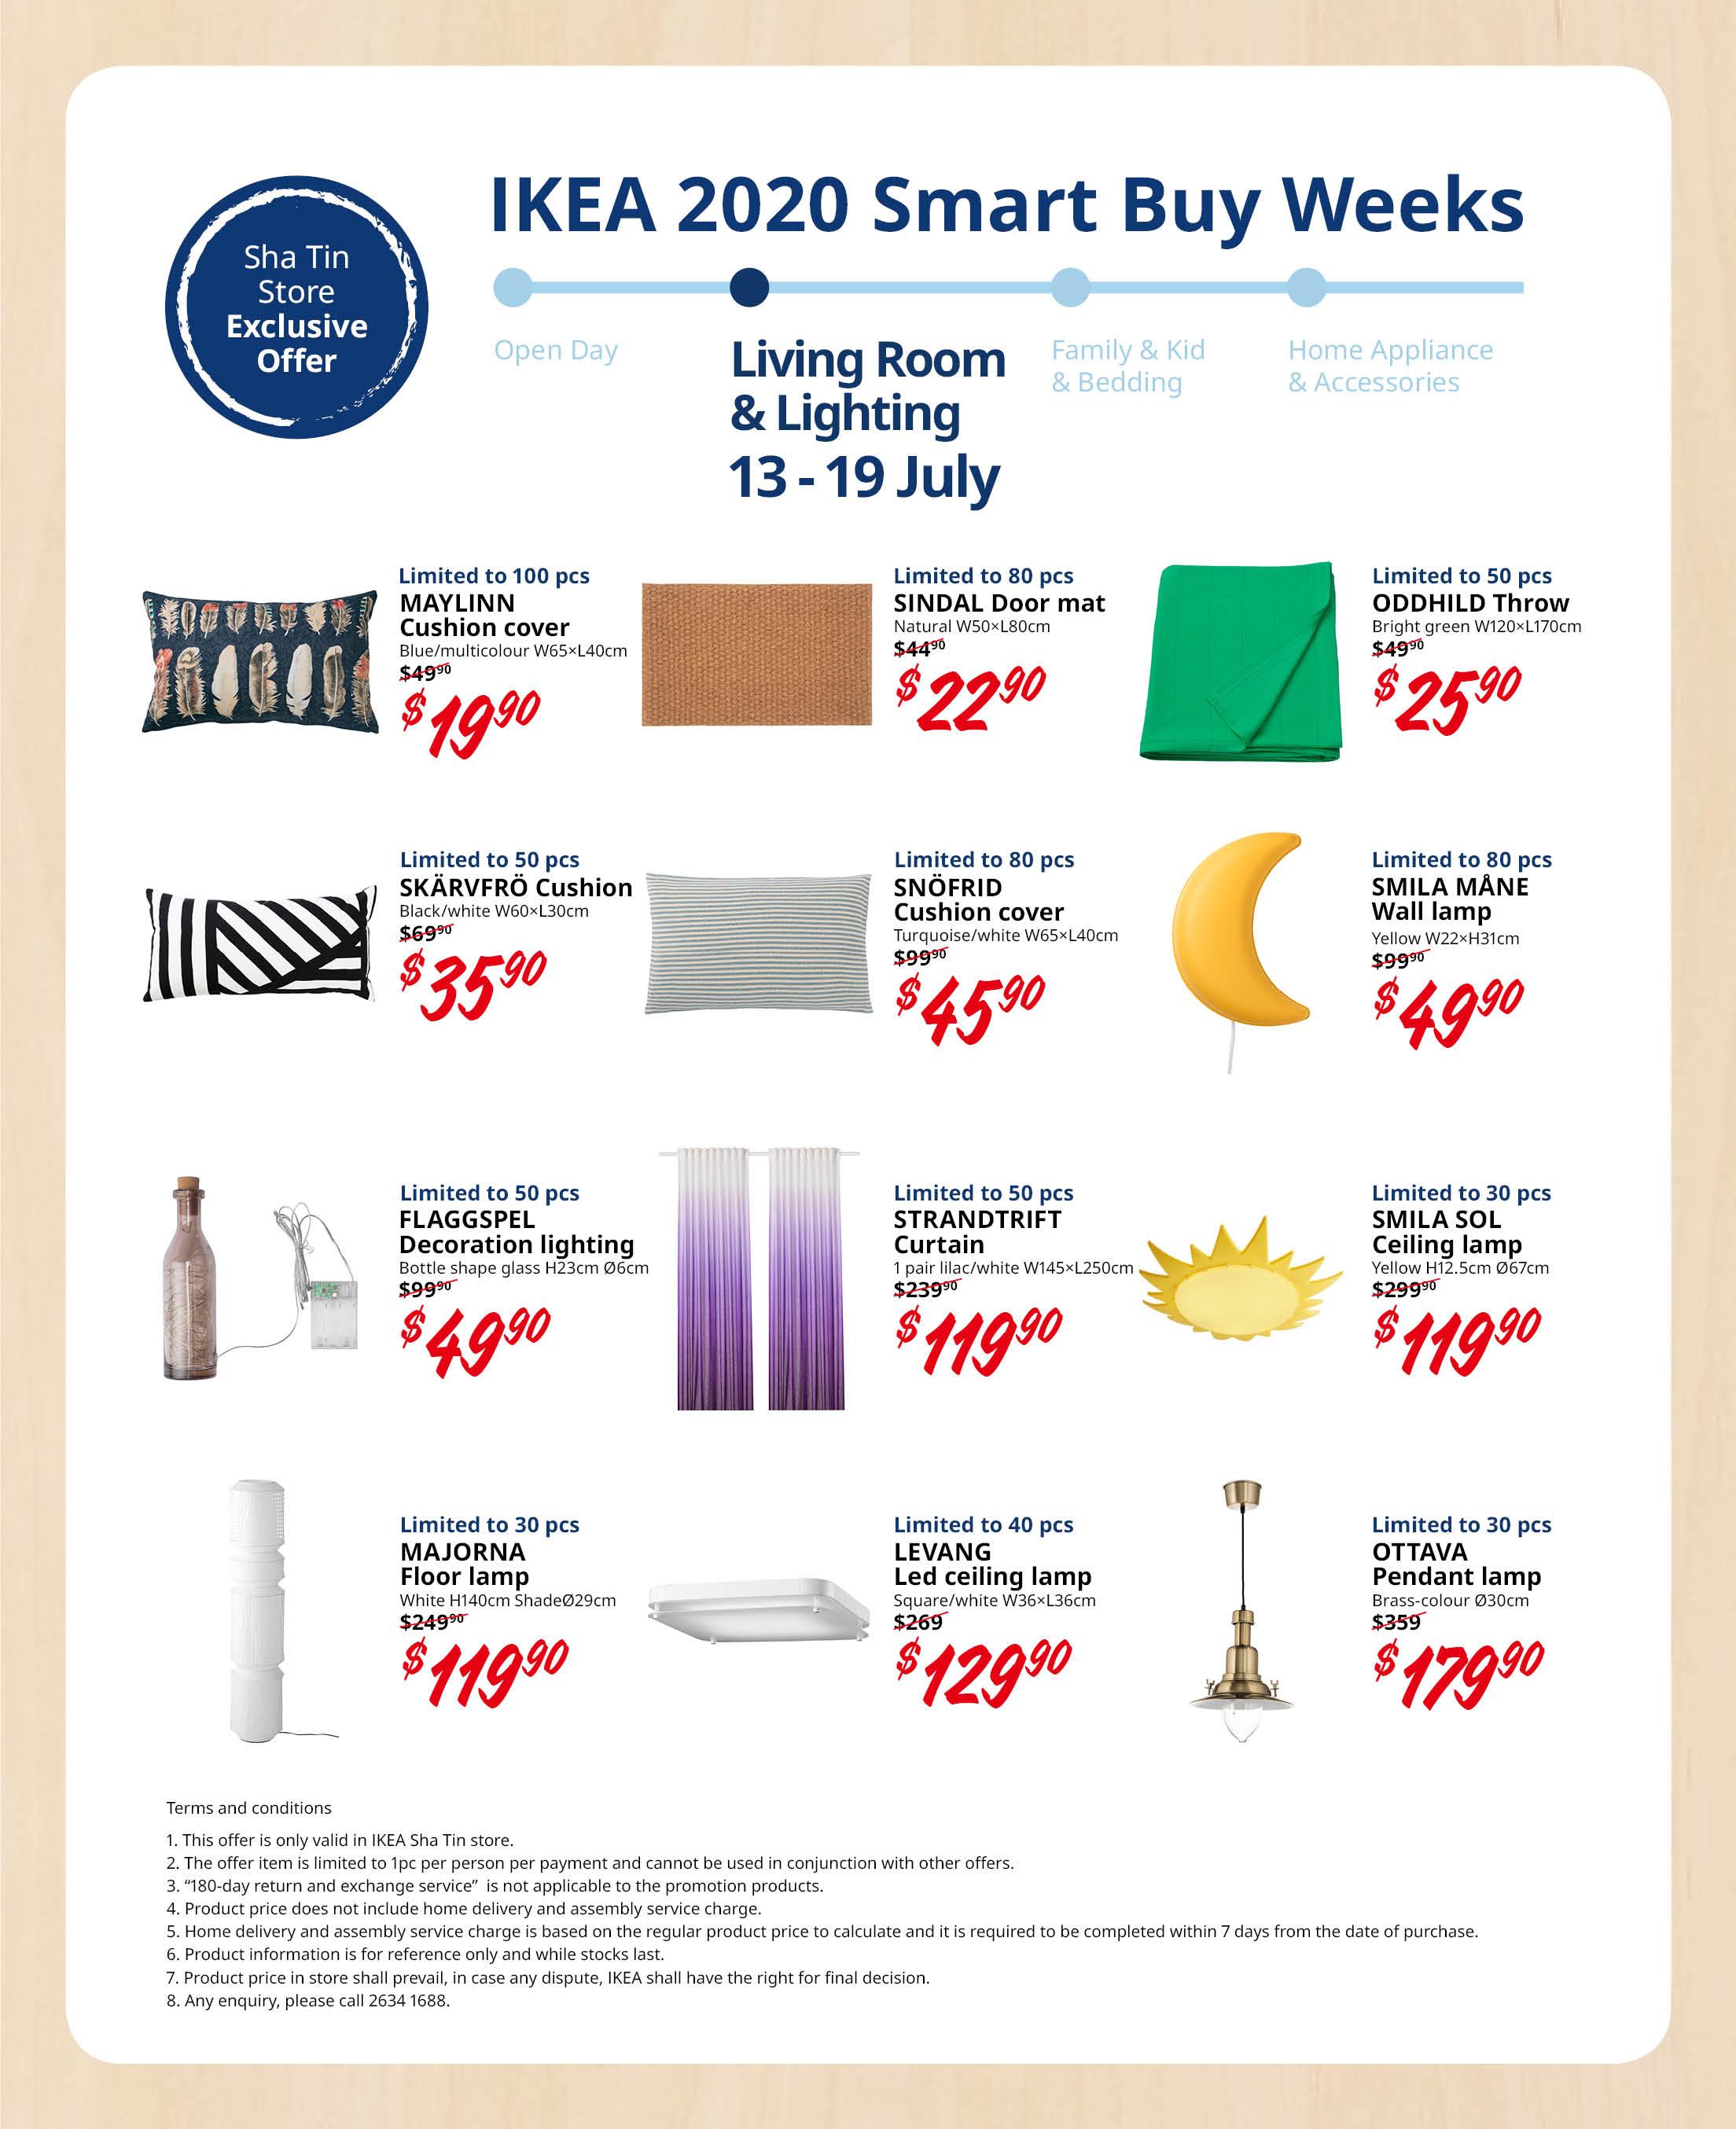 ikea-shatin-smart-buy-weeks-0713